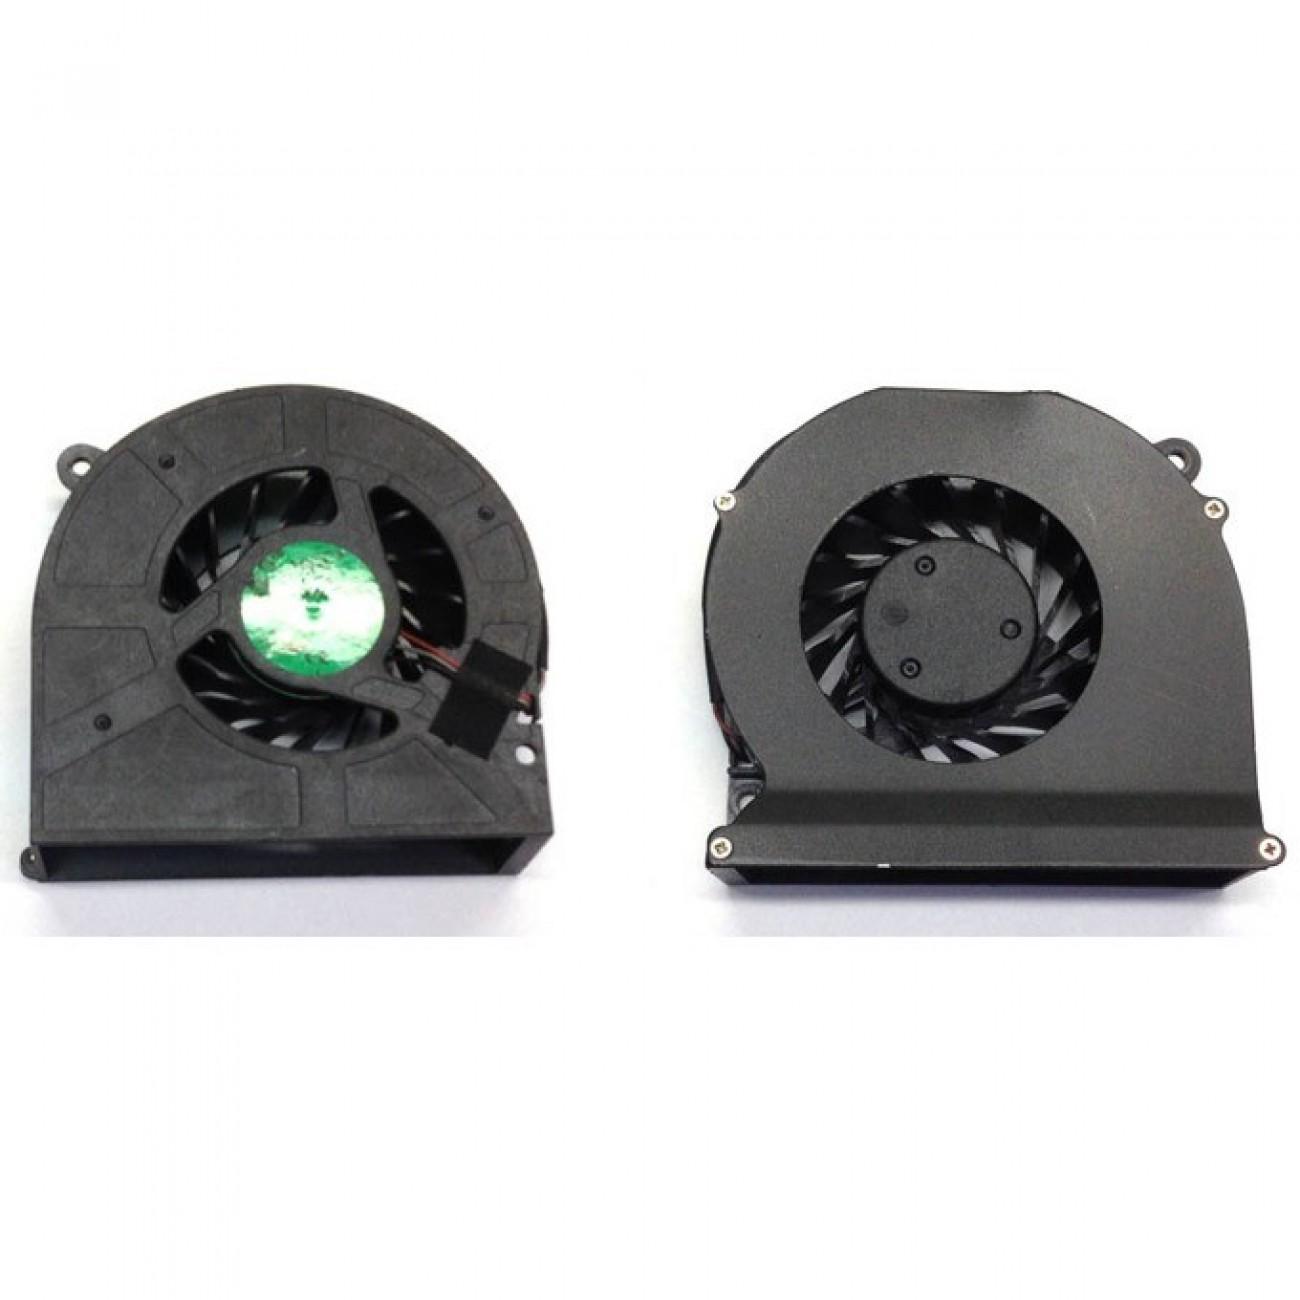 Вентилатор за лаптоп, съвместим с Toshiba Qosmio X505 (Вентилатор за видео картата) в Резервни части -  | Alleop